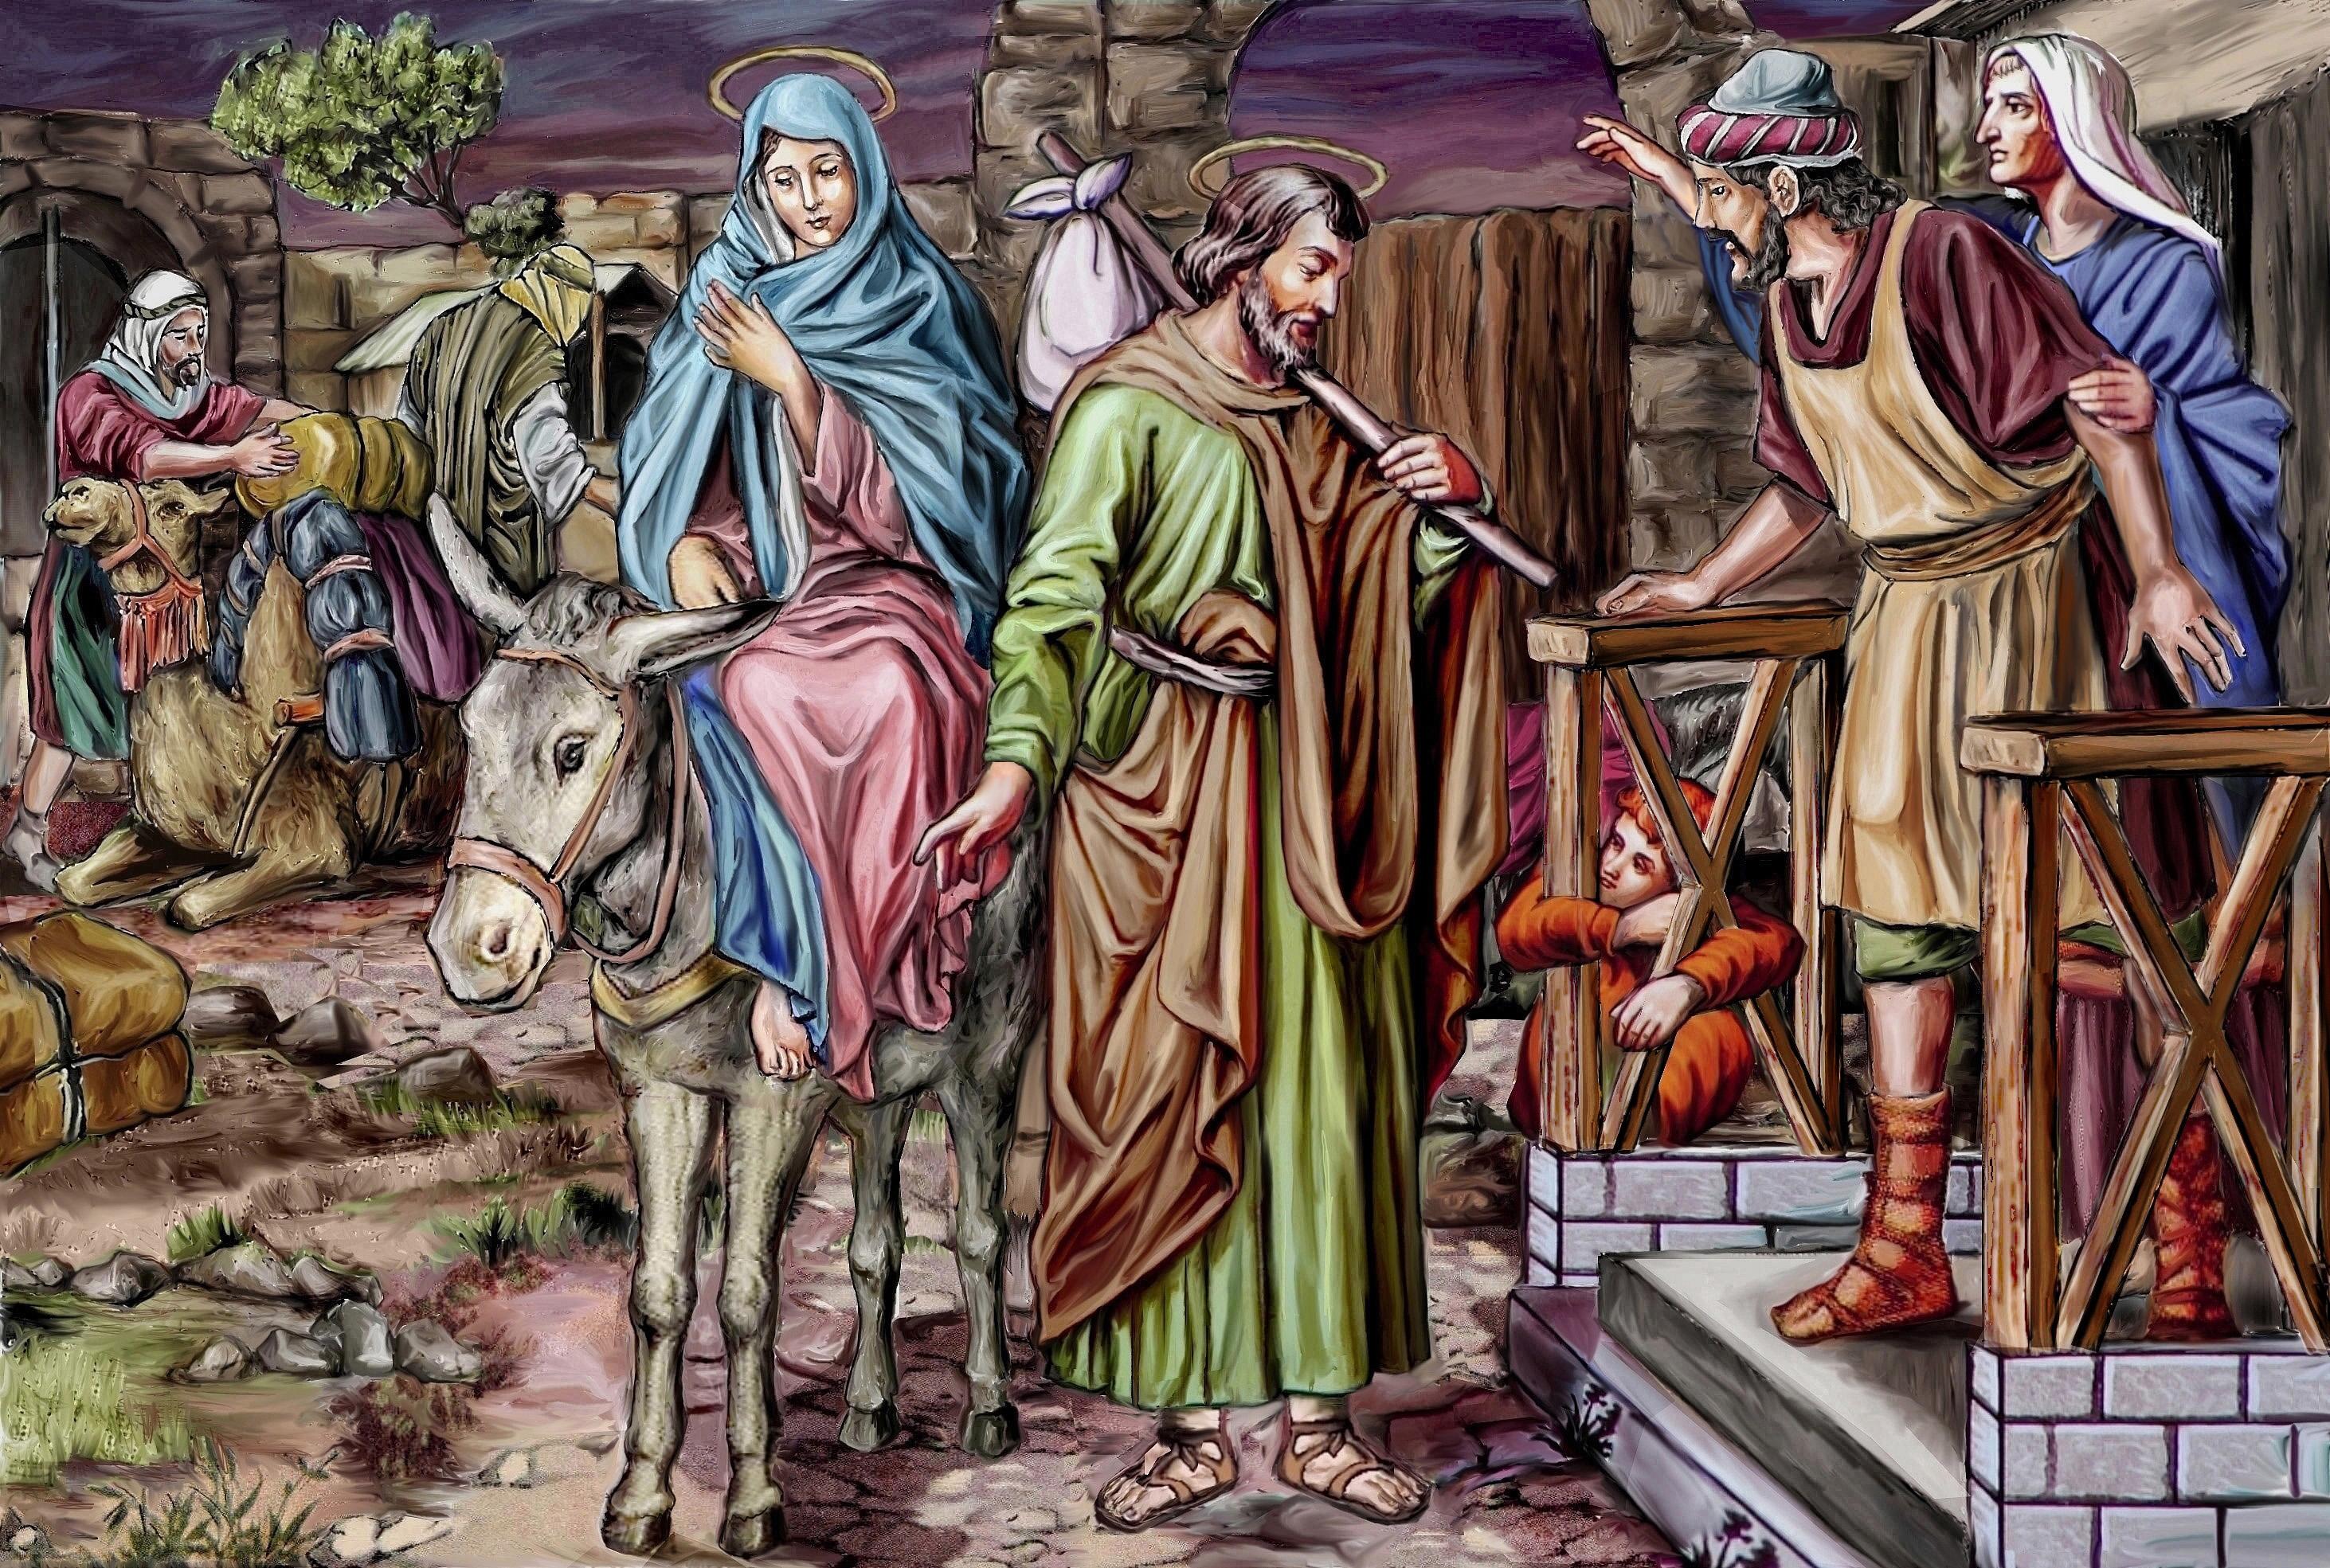 Le MOIS de SAINT JOSEPH par le R.P. Pedini (1854) - Page 2 Joseph-et-marie-b-thl-em-5588733